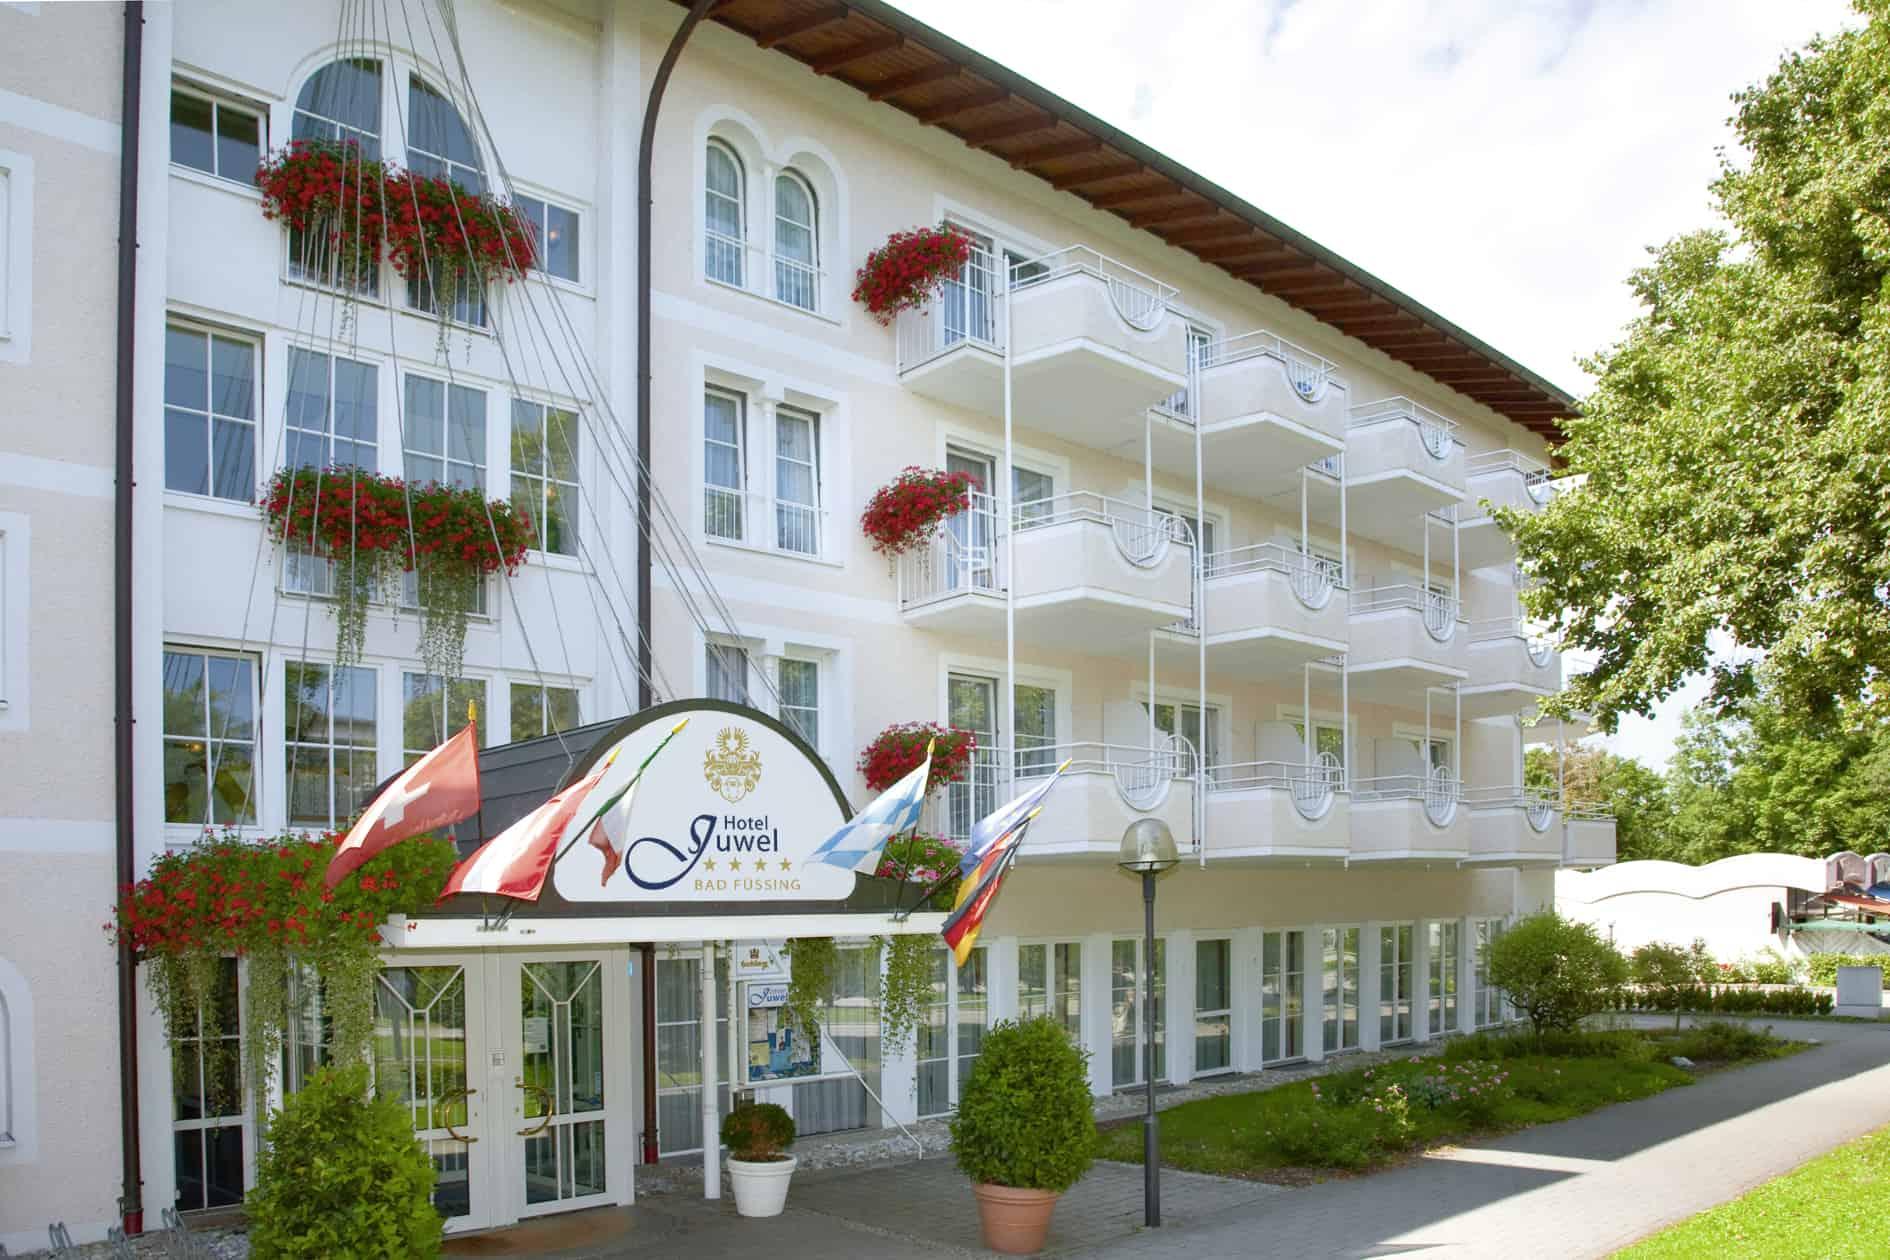 Erlesenes All-inclusive-Angebot Erholung pur im Hotel Juwel in Bad Füssing